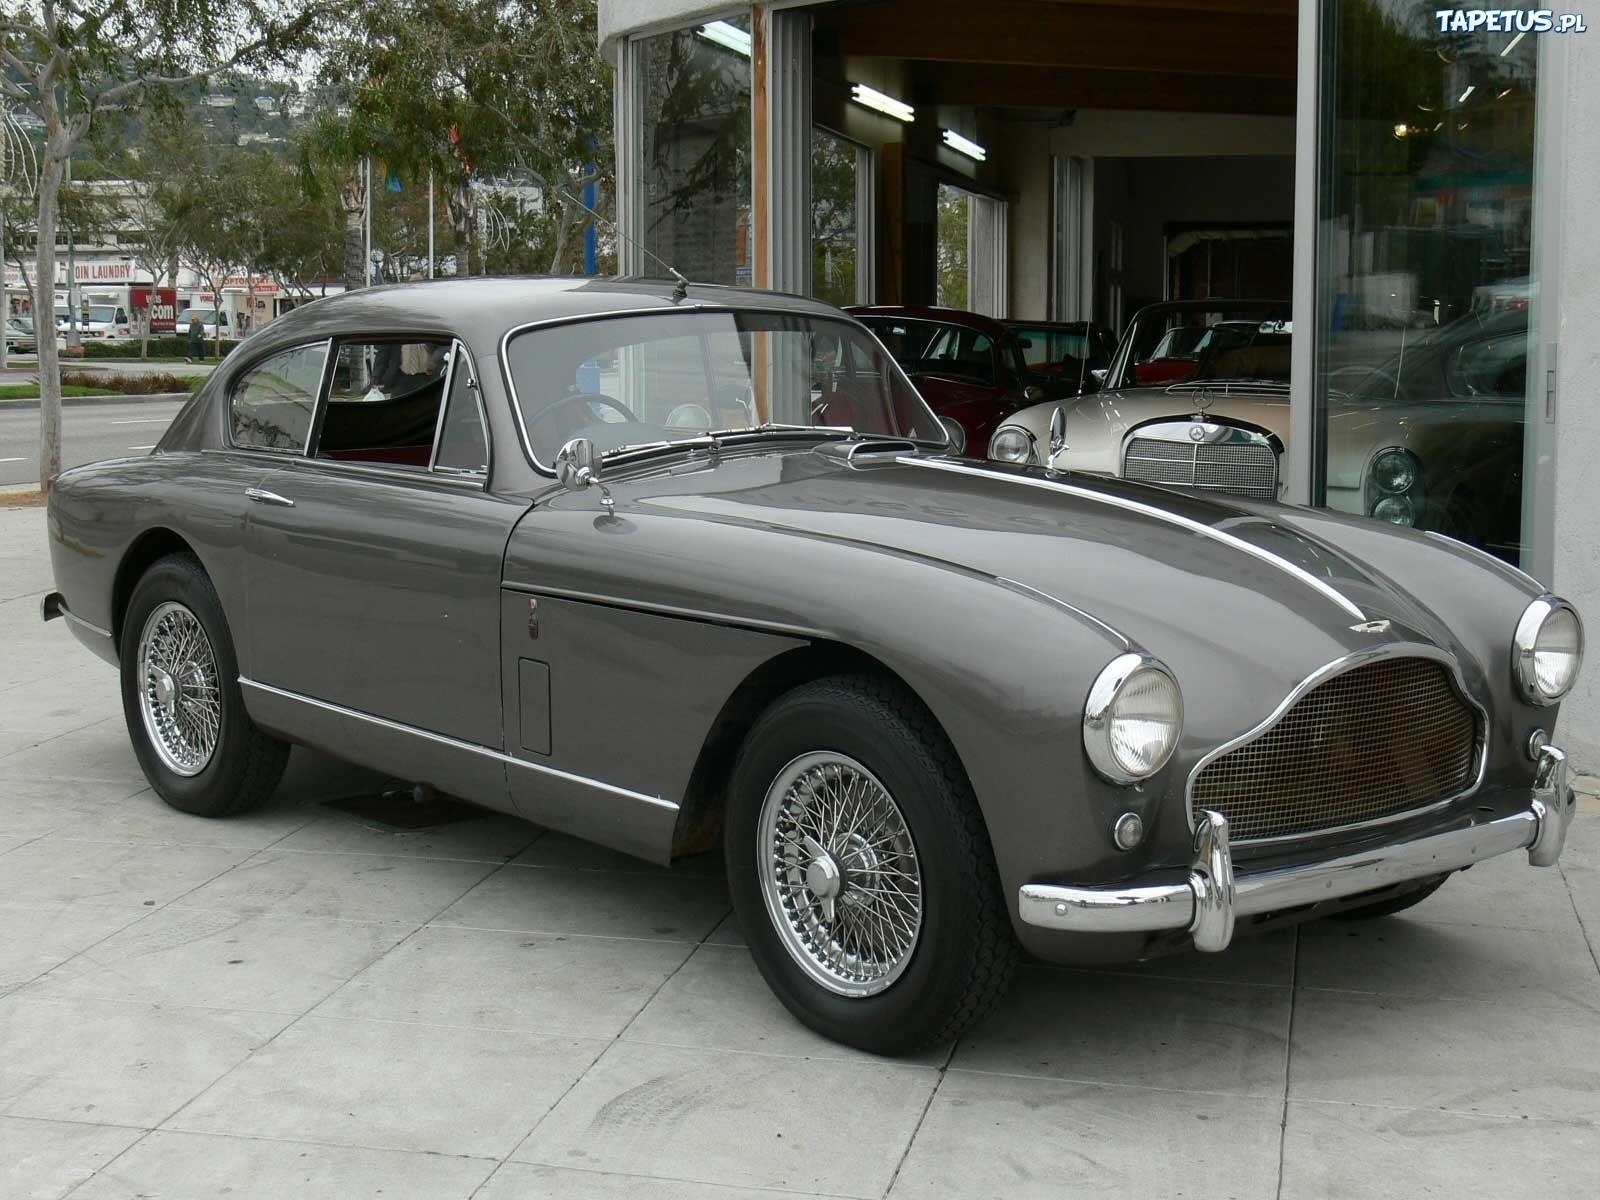 Zabytkowe Samochody Aston Martin Db4